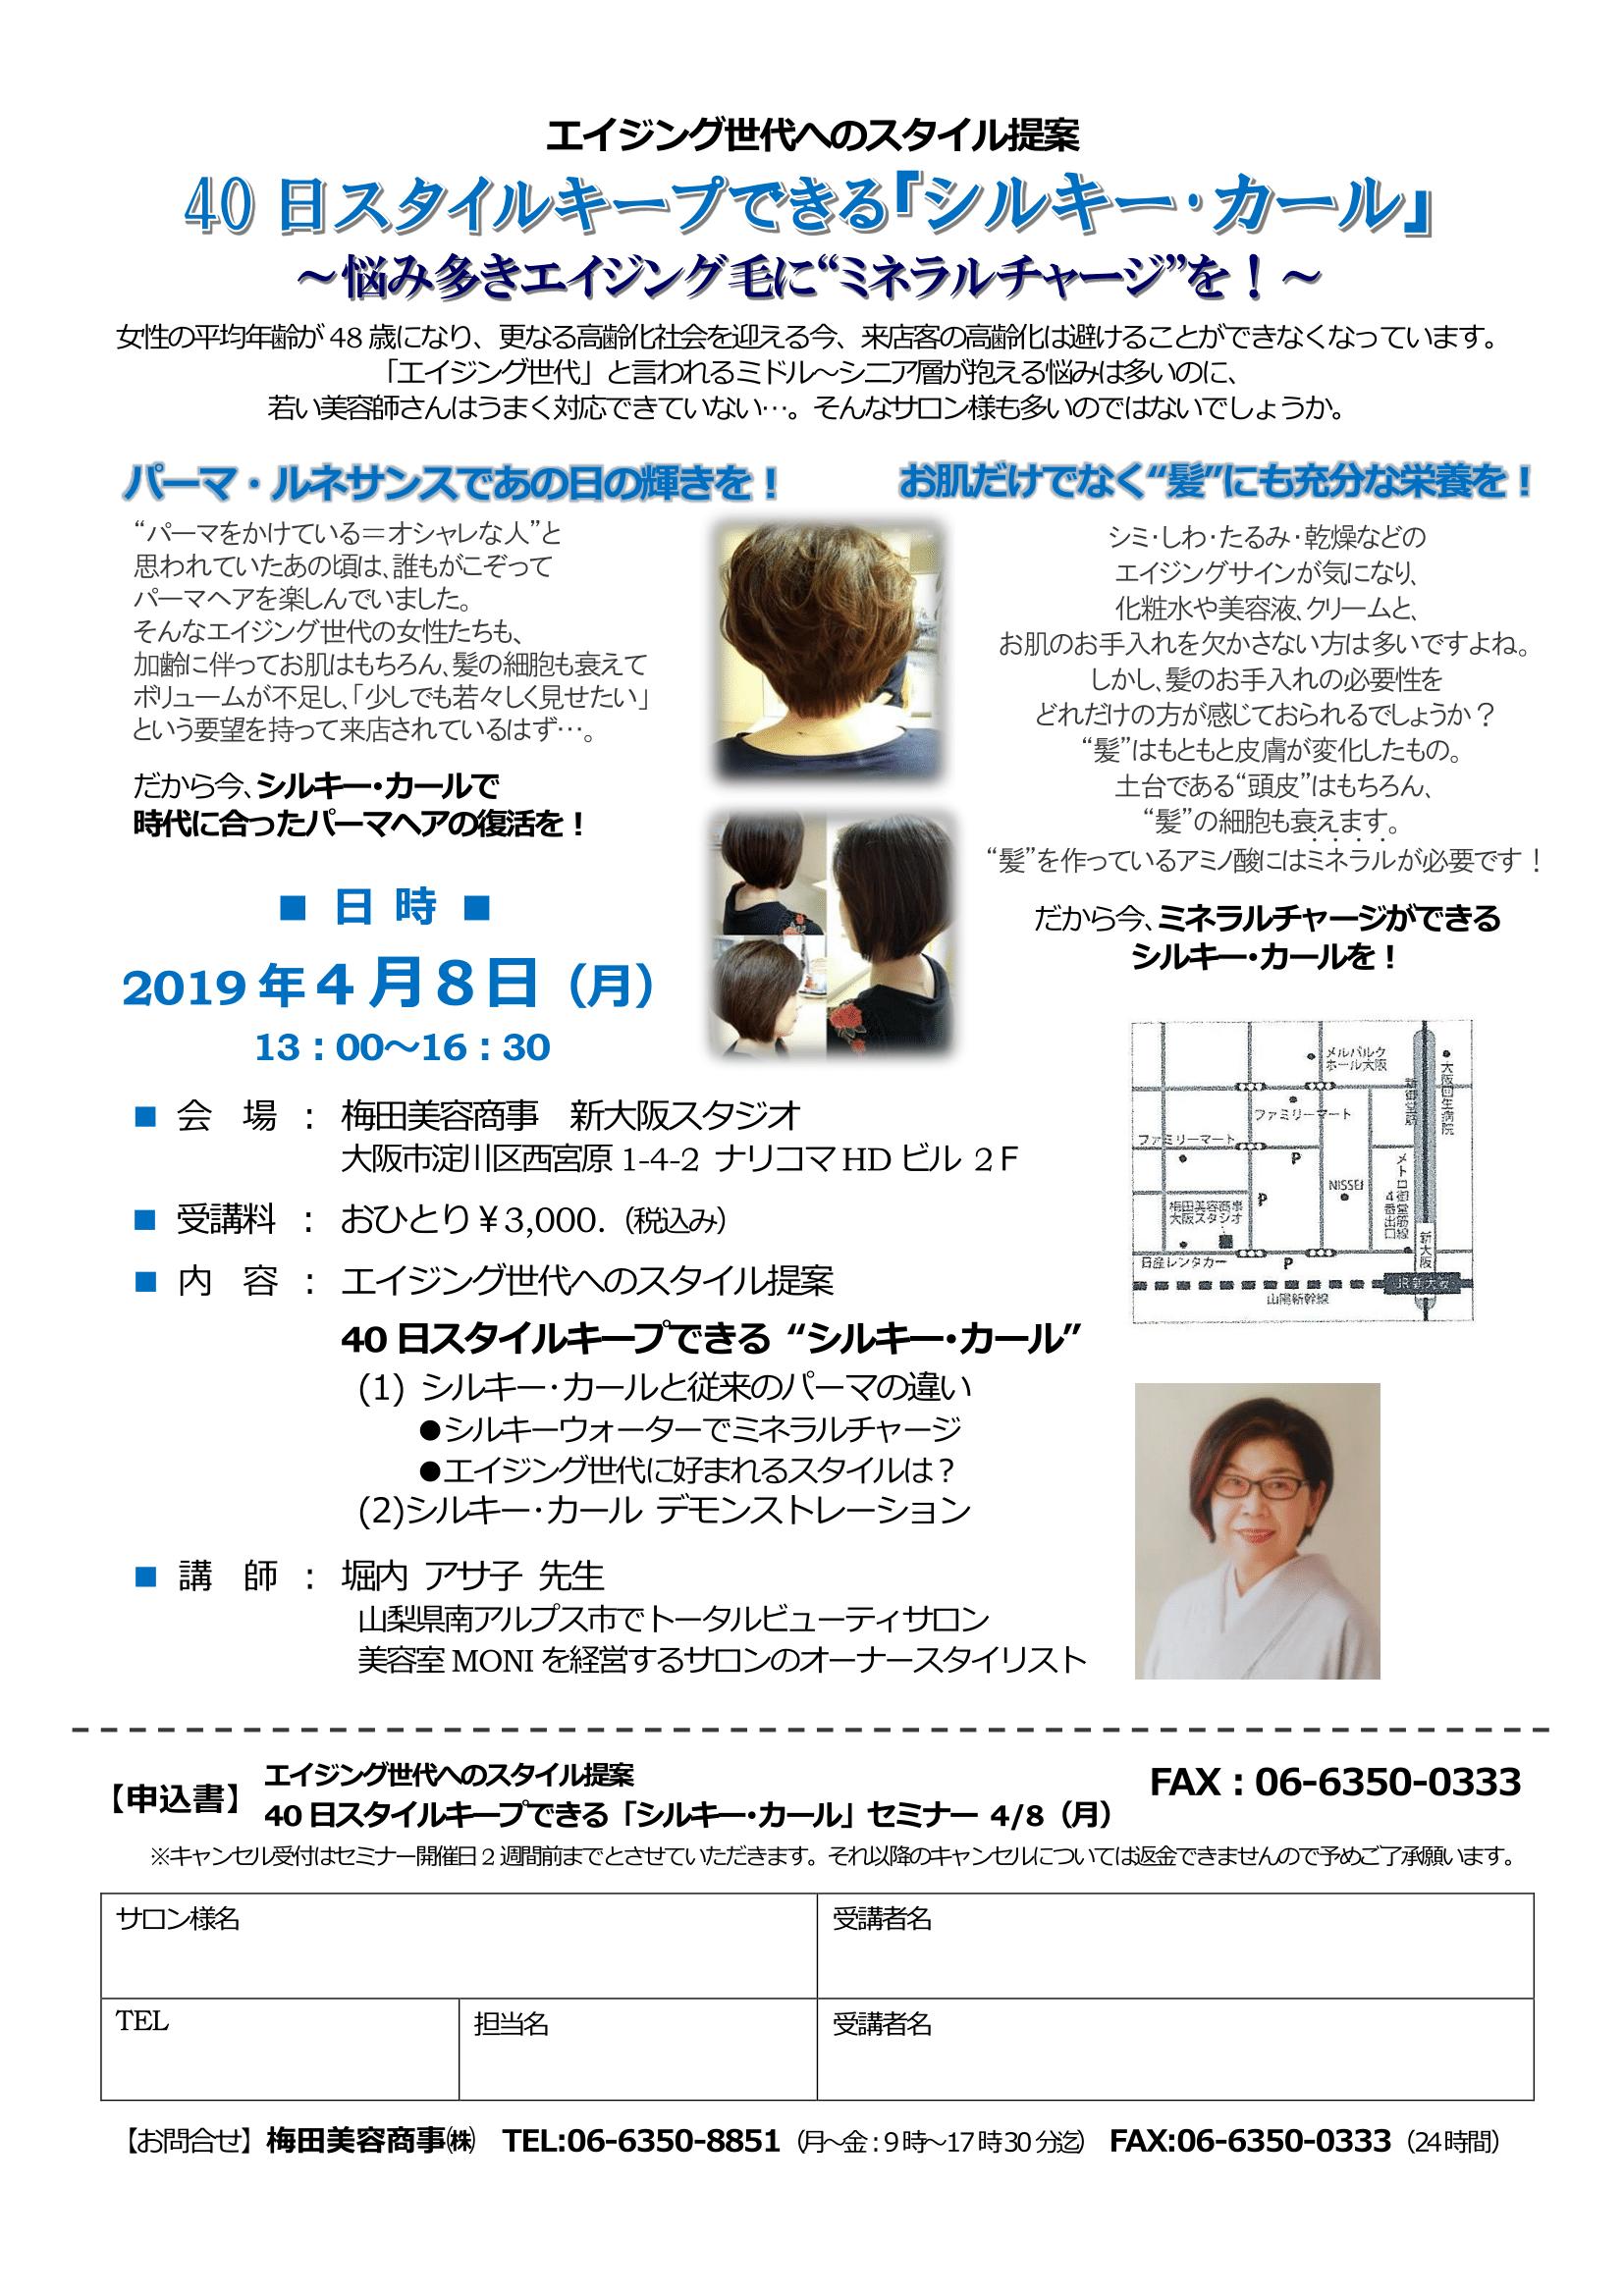 【大阪】40日スタイルキープできるシルキーカール